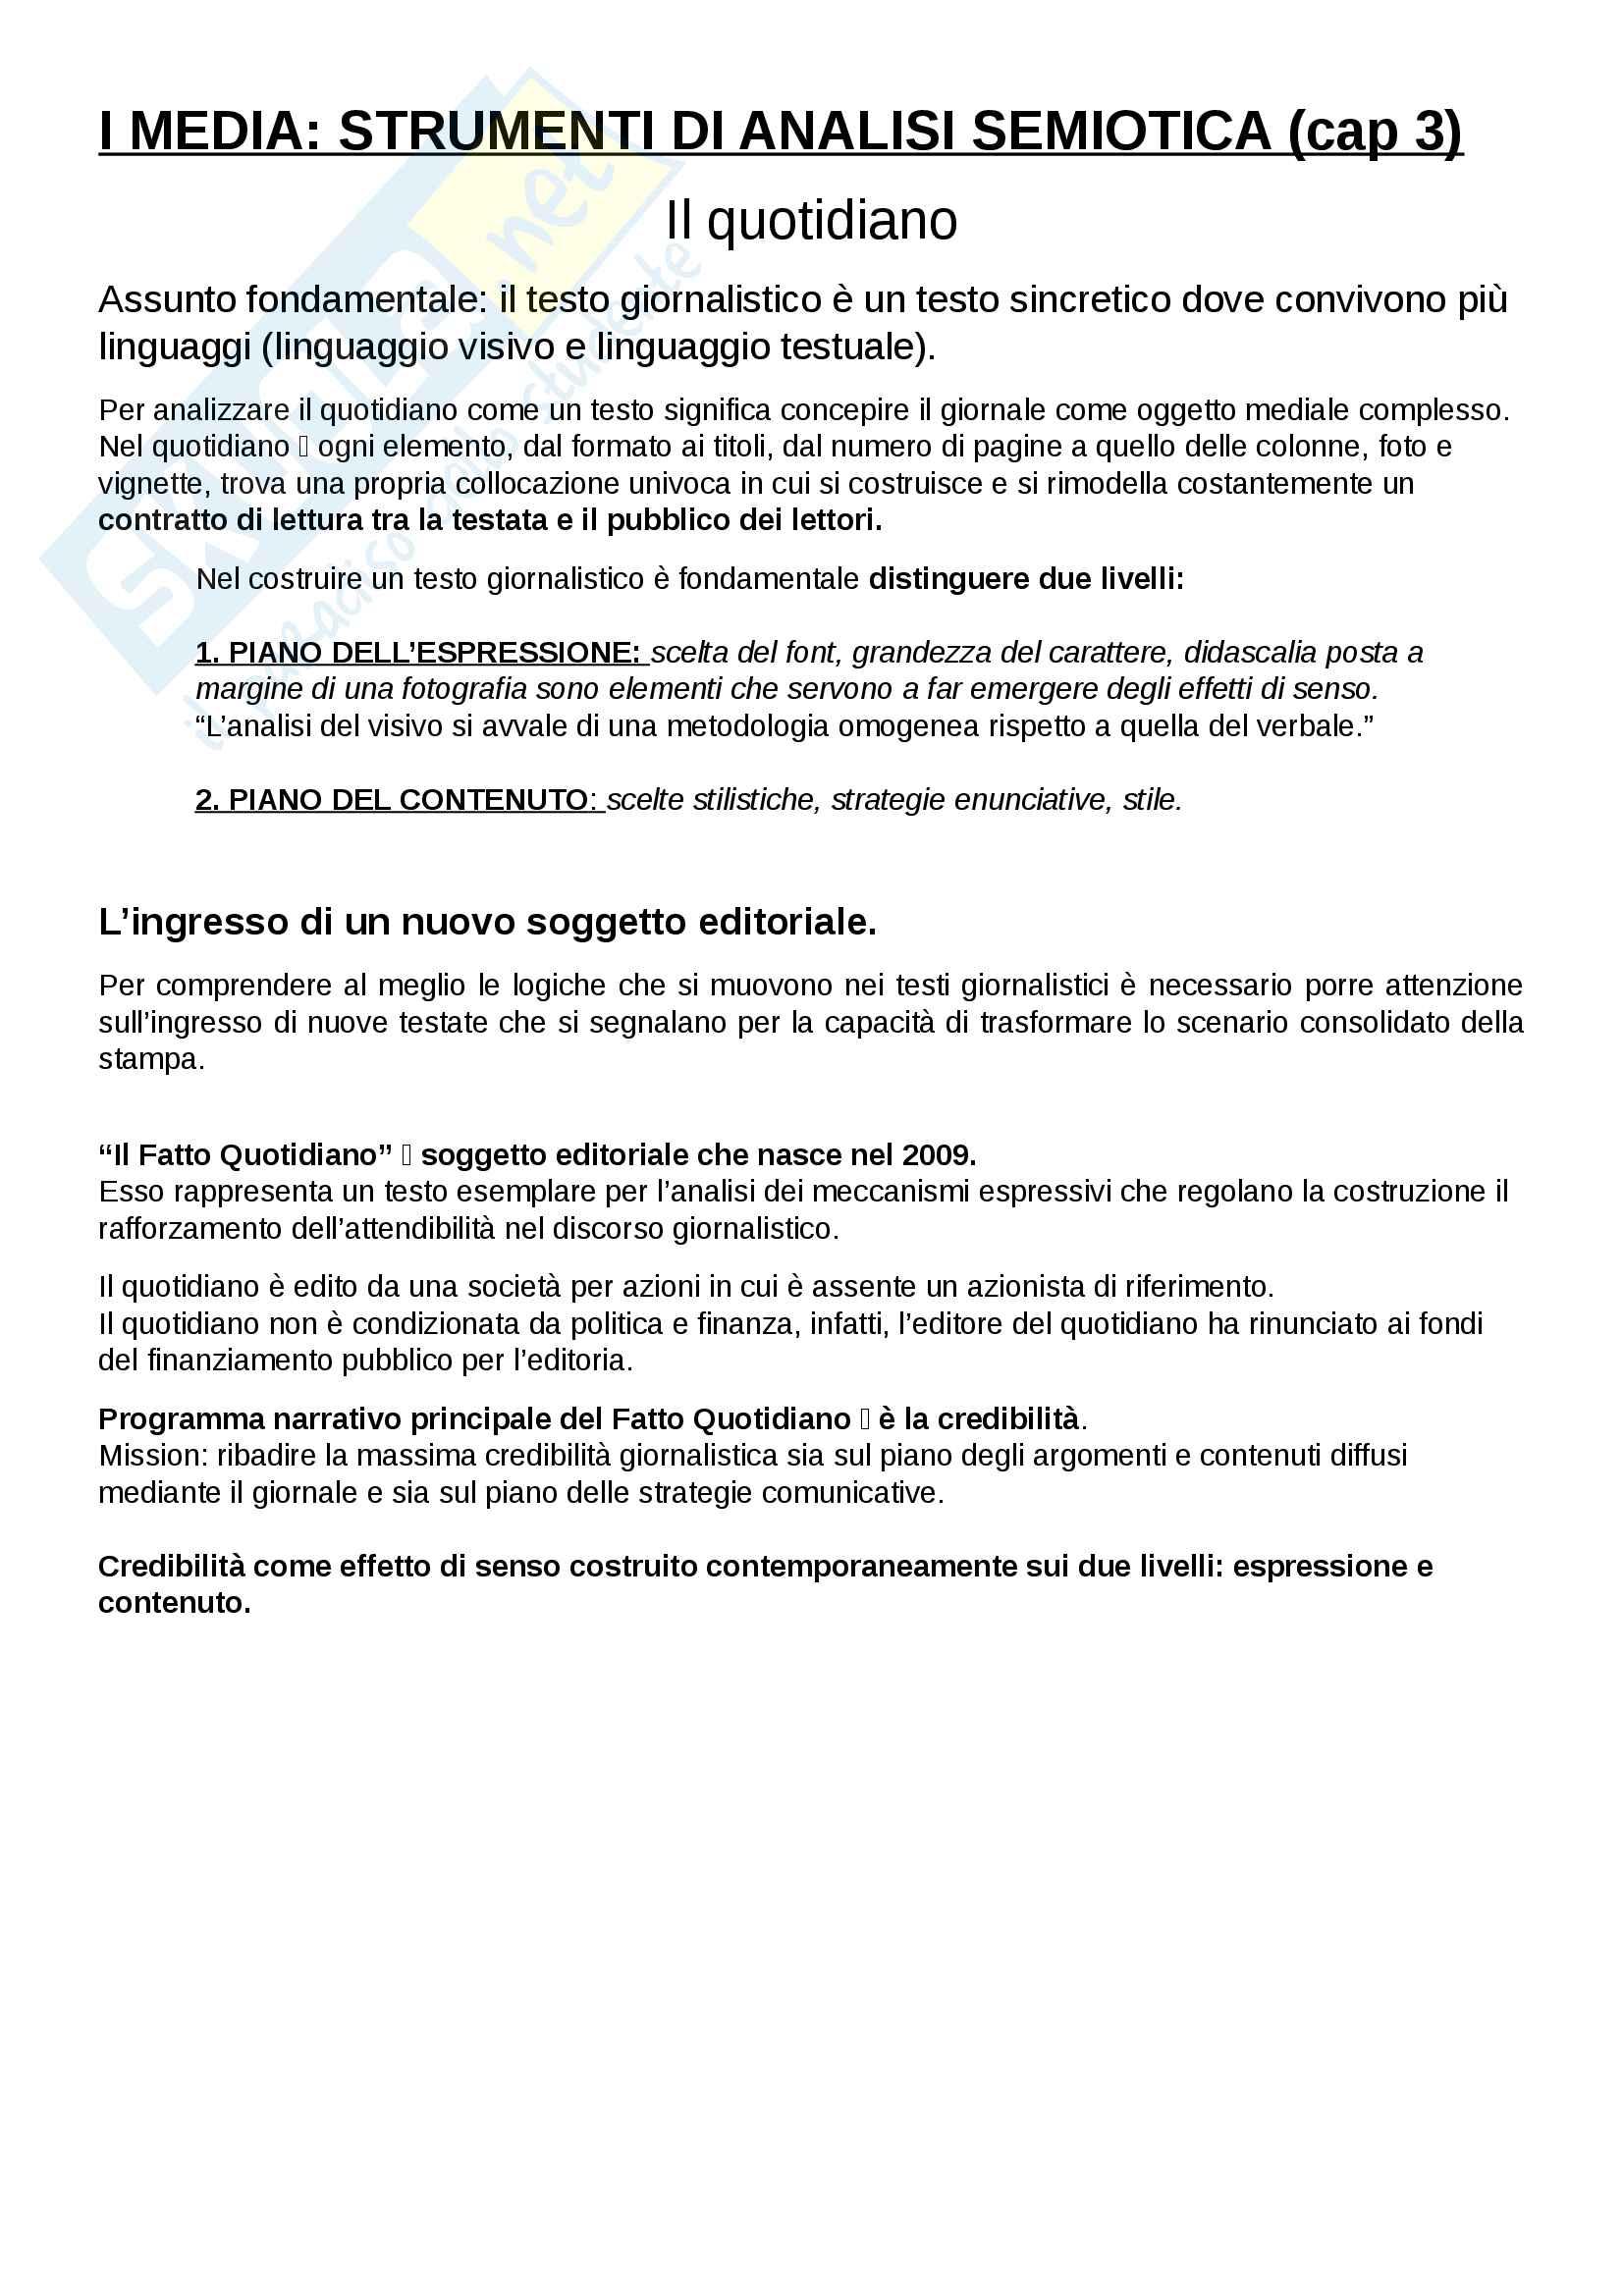 Riassunto esame Semiotica del giornalismo, prof. Lorusso, libro consigliato I media: strumenti di analisi semiotica, Carocci editore